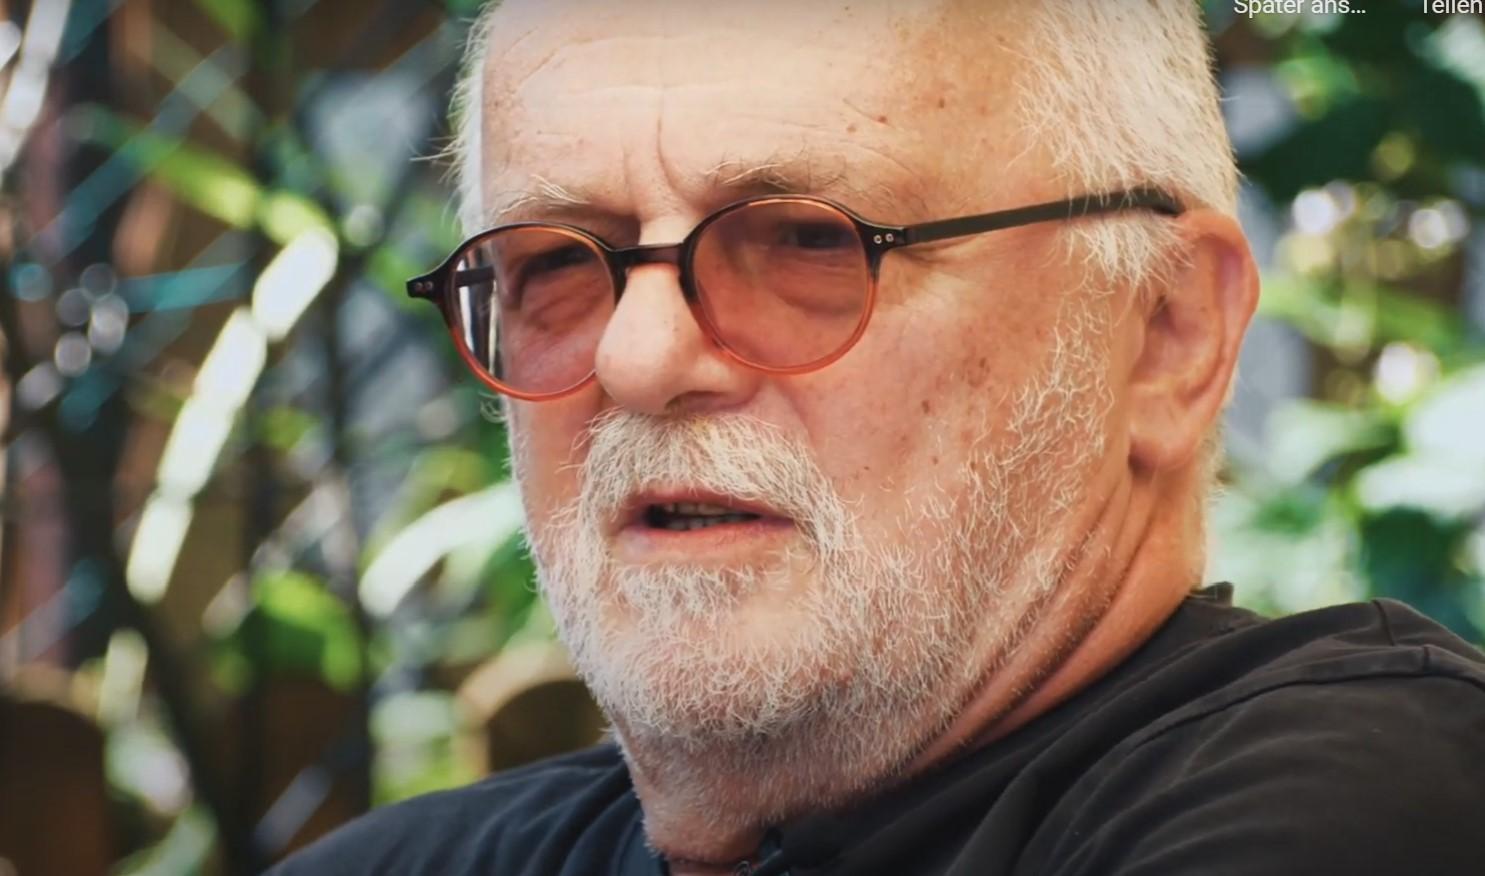 Rudi Burda